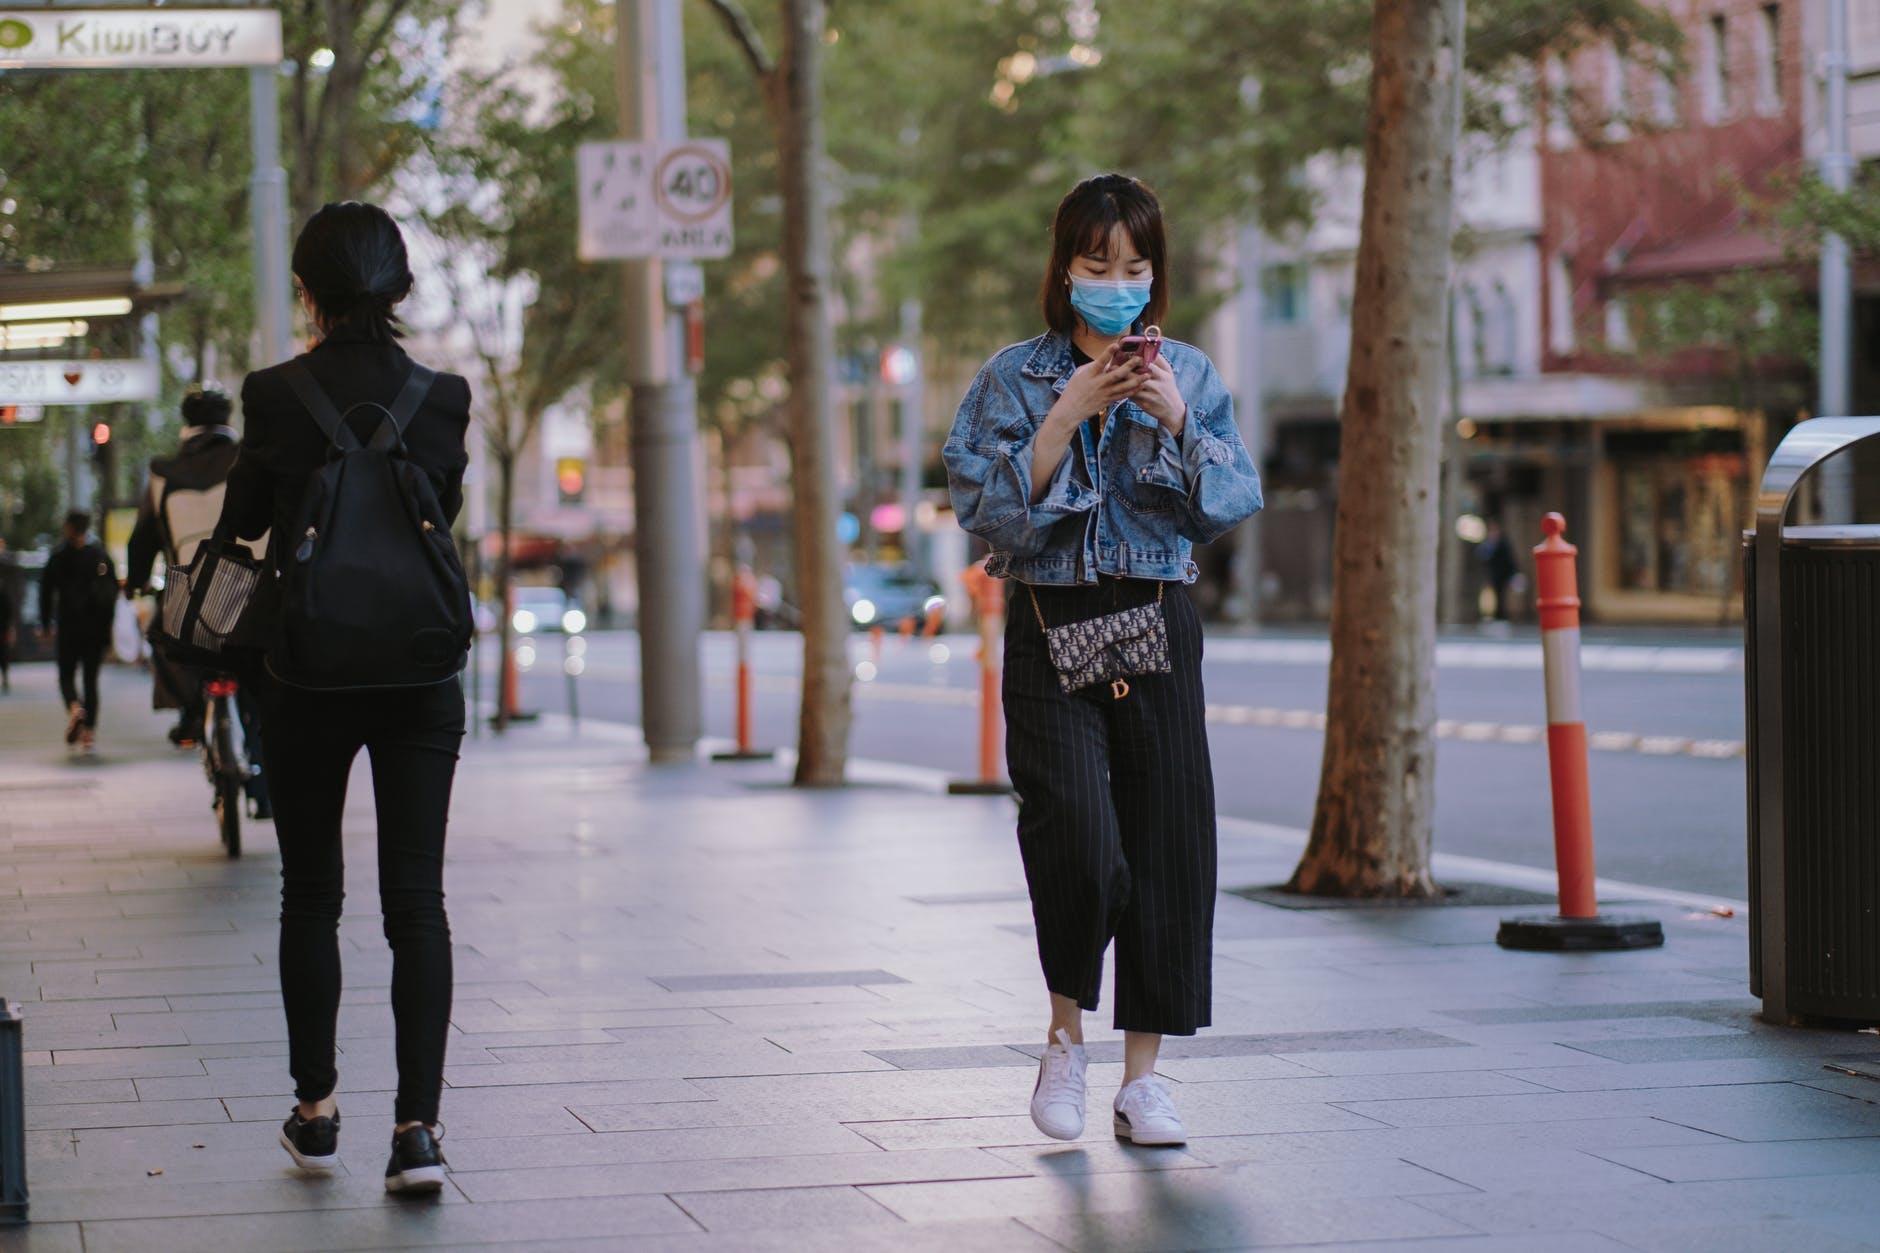 woman in denim jacket and black pants walking on sidewalk